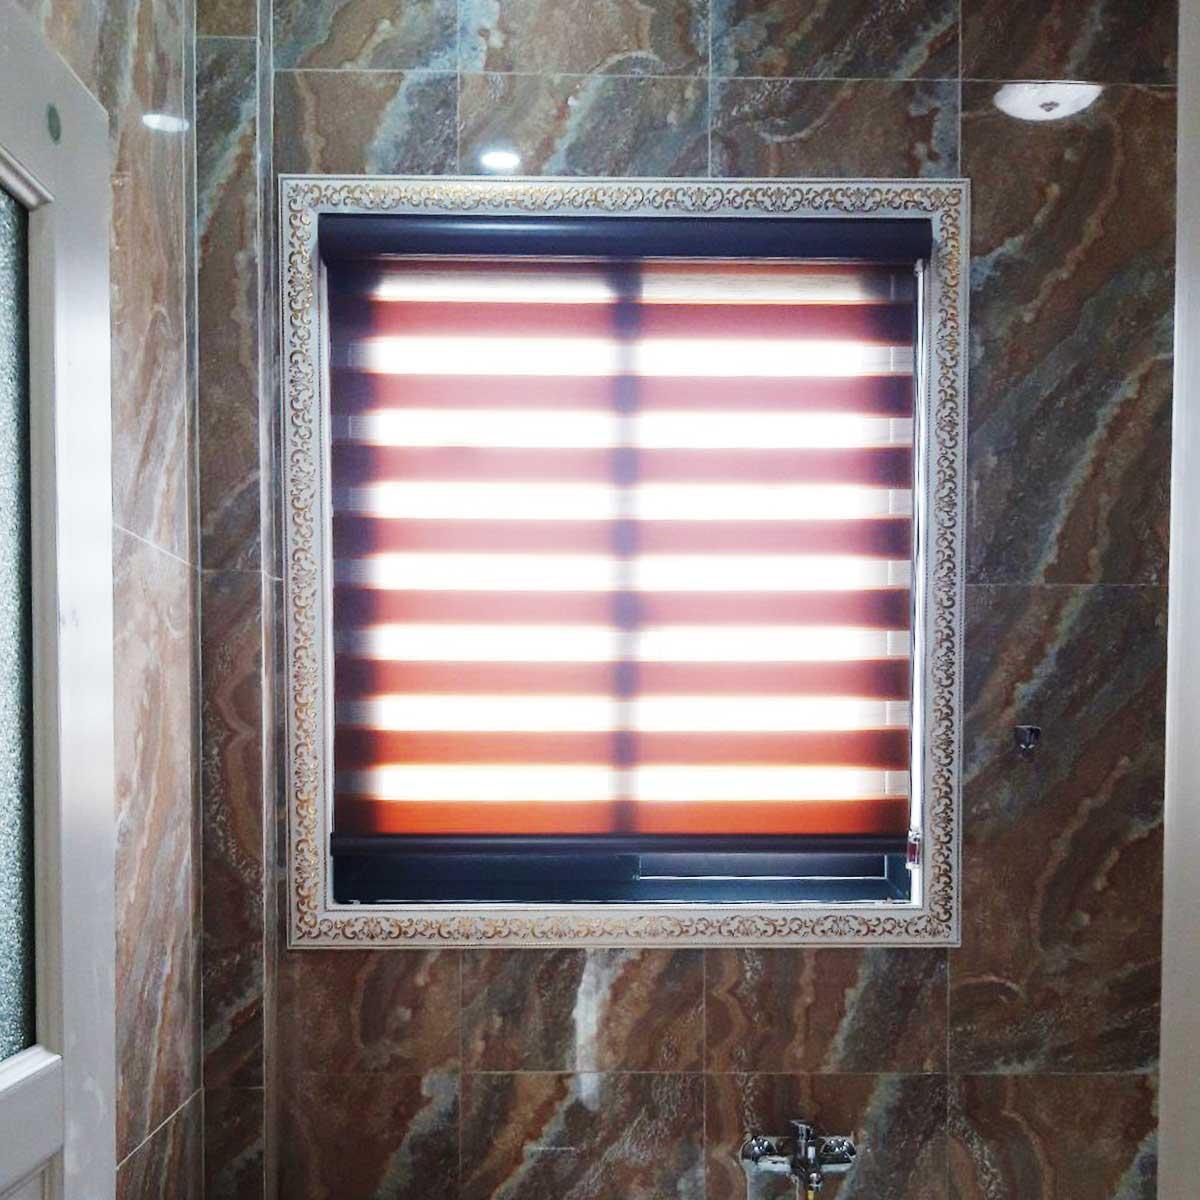 Rèm cầu vồng cao cấp cho cửa sổ phòng tắm